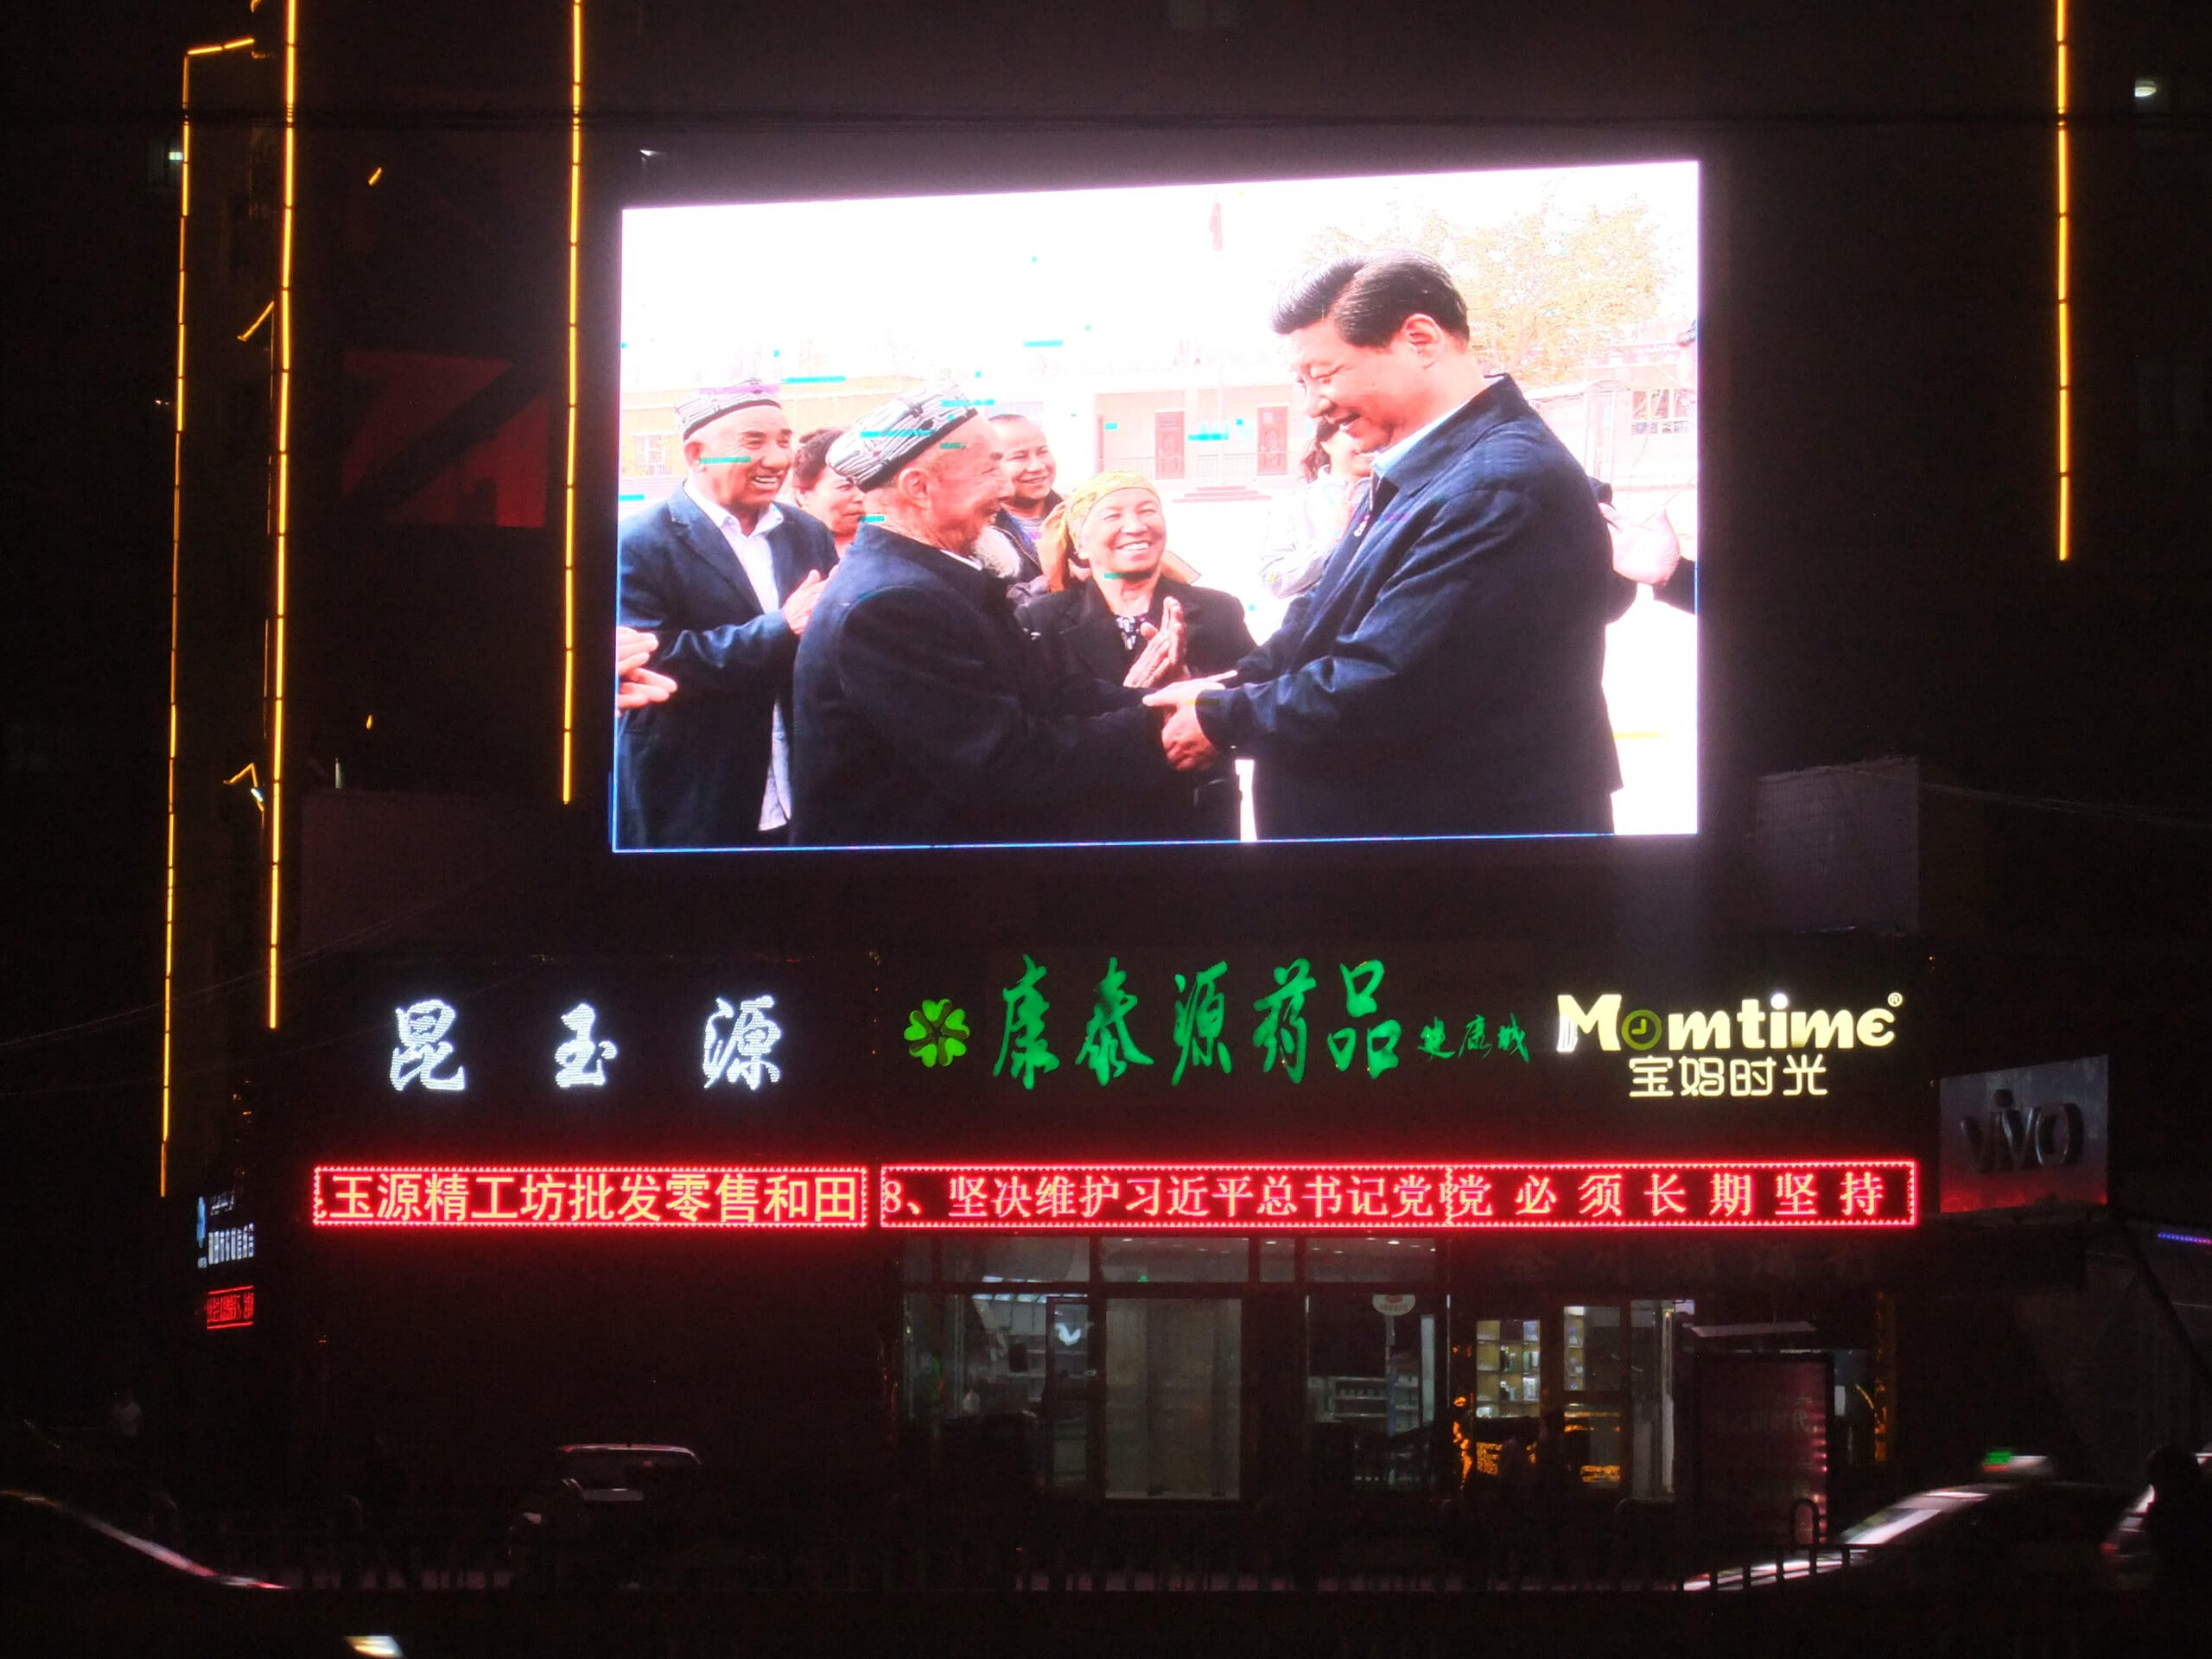 ホータン人民広場で真央の監視の下で踊る。 1958年に毛沢東に会うためにロバで北京に乗った単純なウイグルの農民クルバン・トゥルムは、CCPとウイグルの関係のポスター少年になりました。 ルース・イングラムによる写真。 今日のマオに相当する習近平は、21世紀の皮肉なクルバントゥルム会議の再実行を行っています。 ルース・イングラムによる写真。